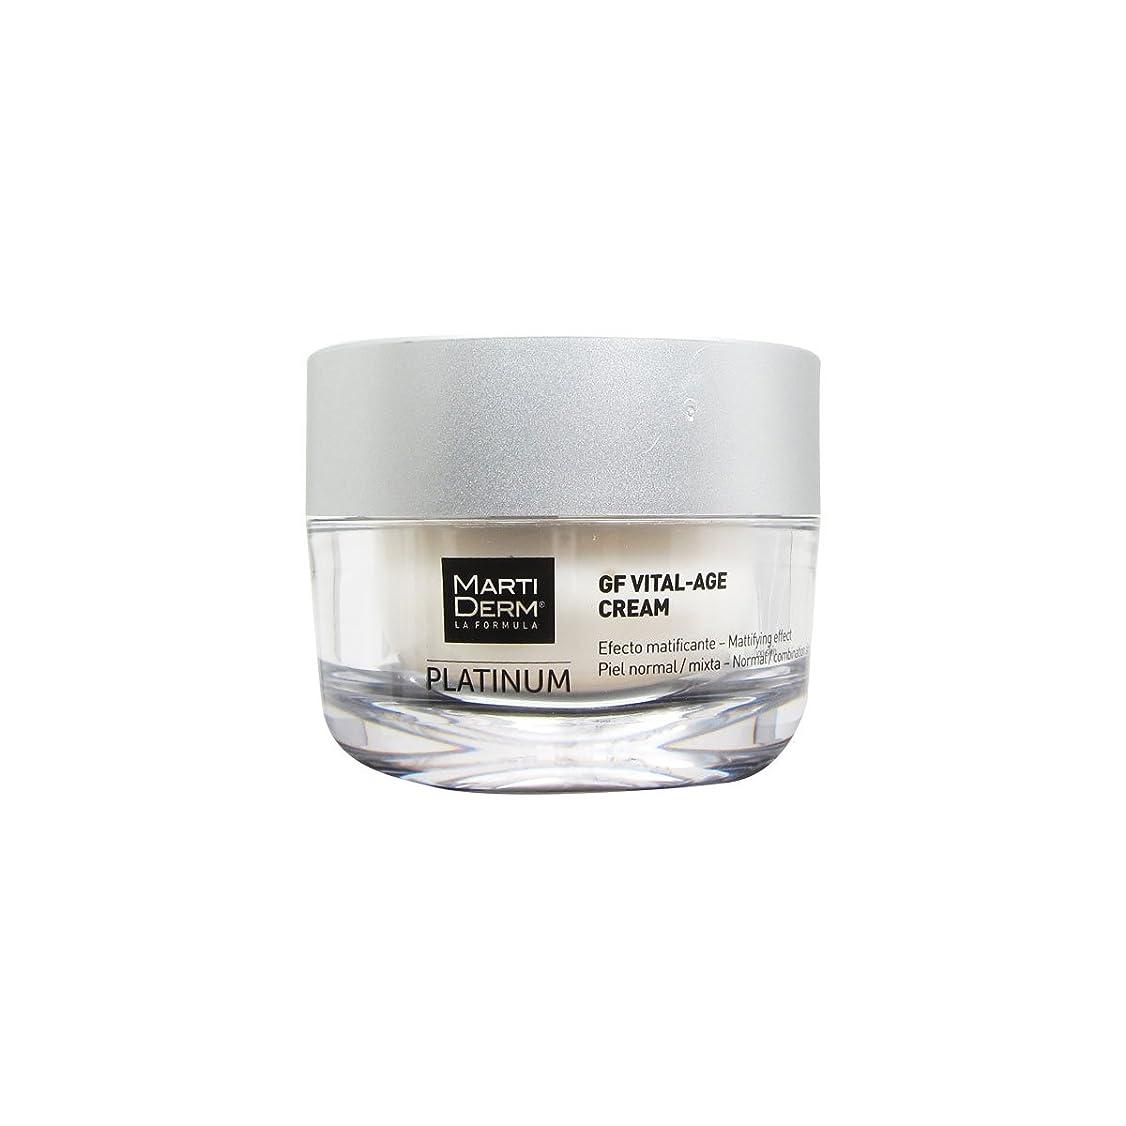 繰り返した永続緊急Martiderm Platinum Gf Vital-age Normal To Combination Skin Cream 50ml [並行輸入品]